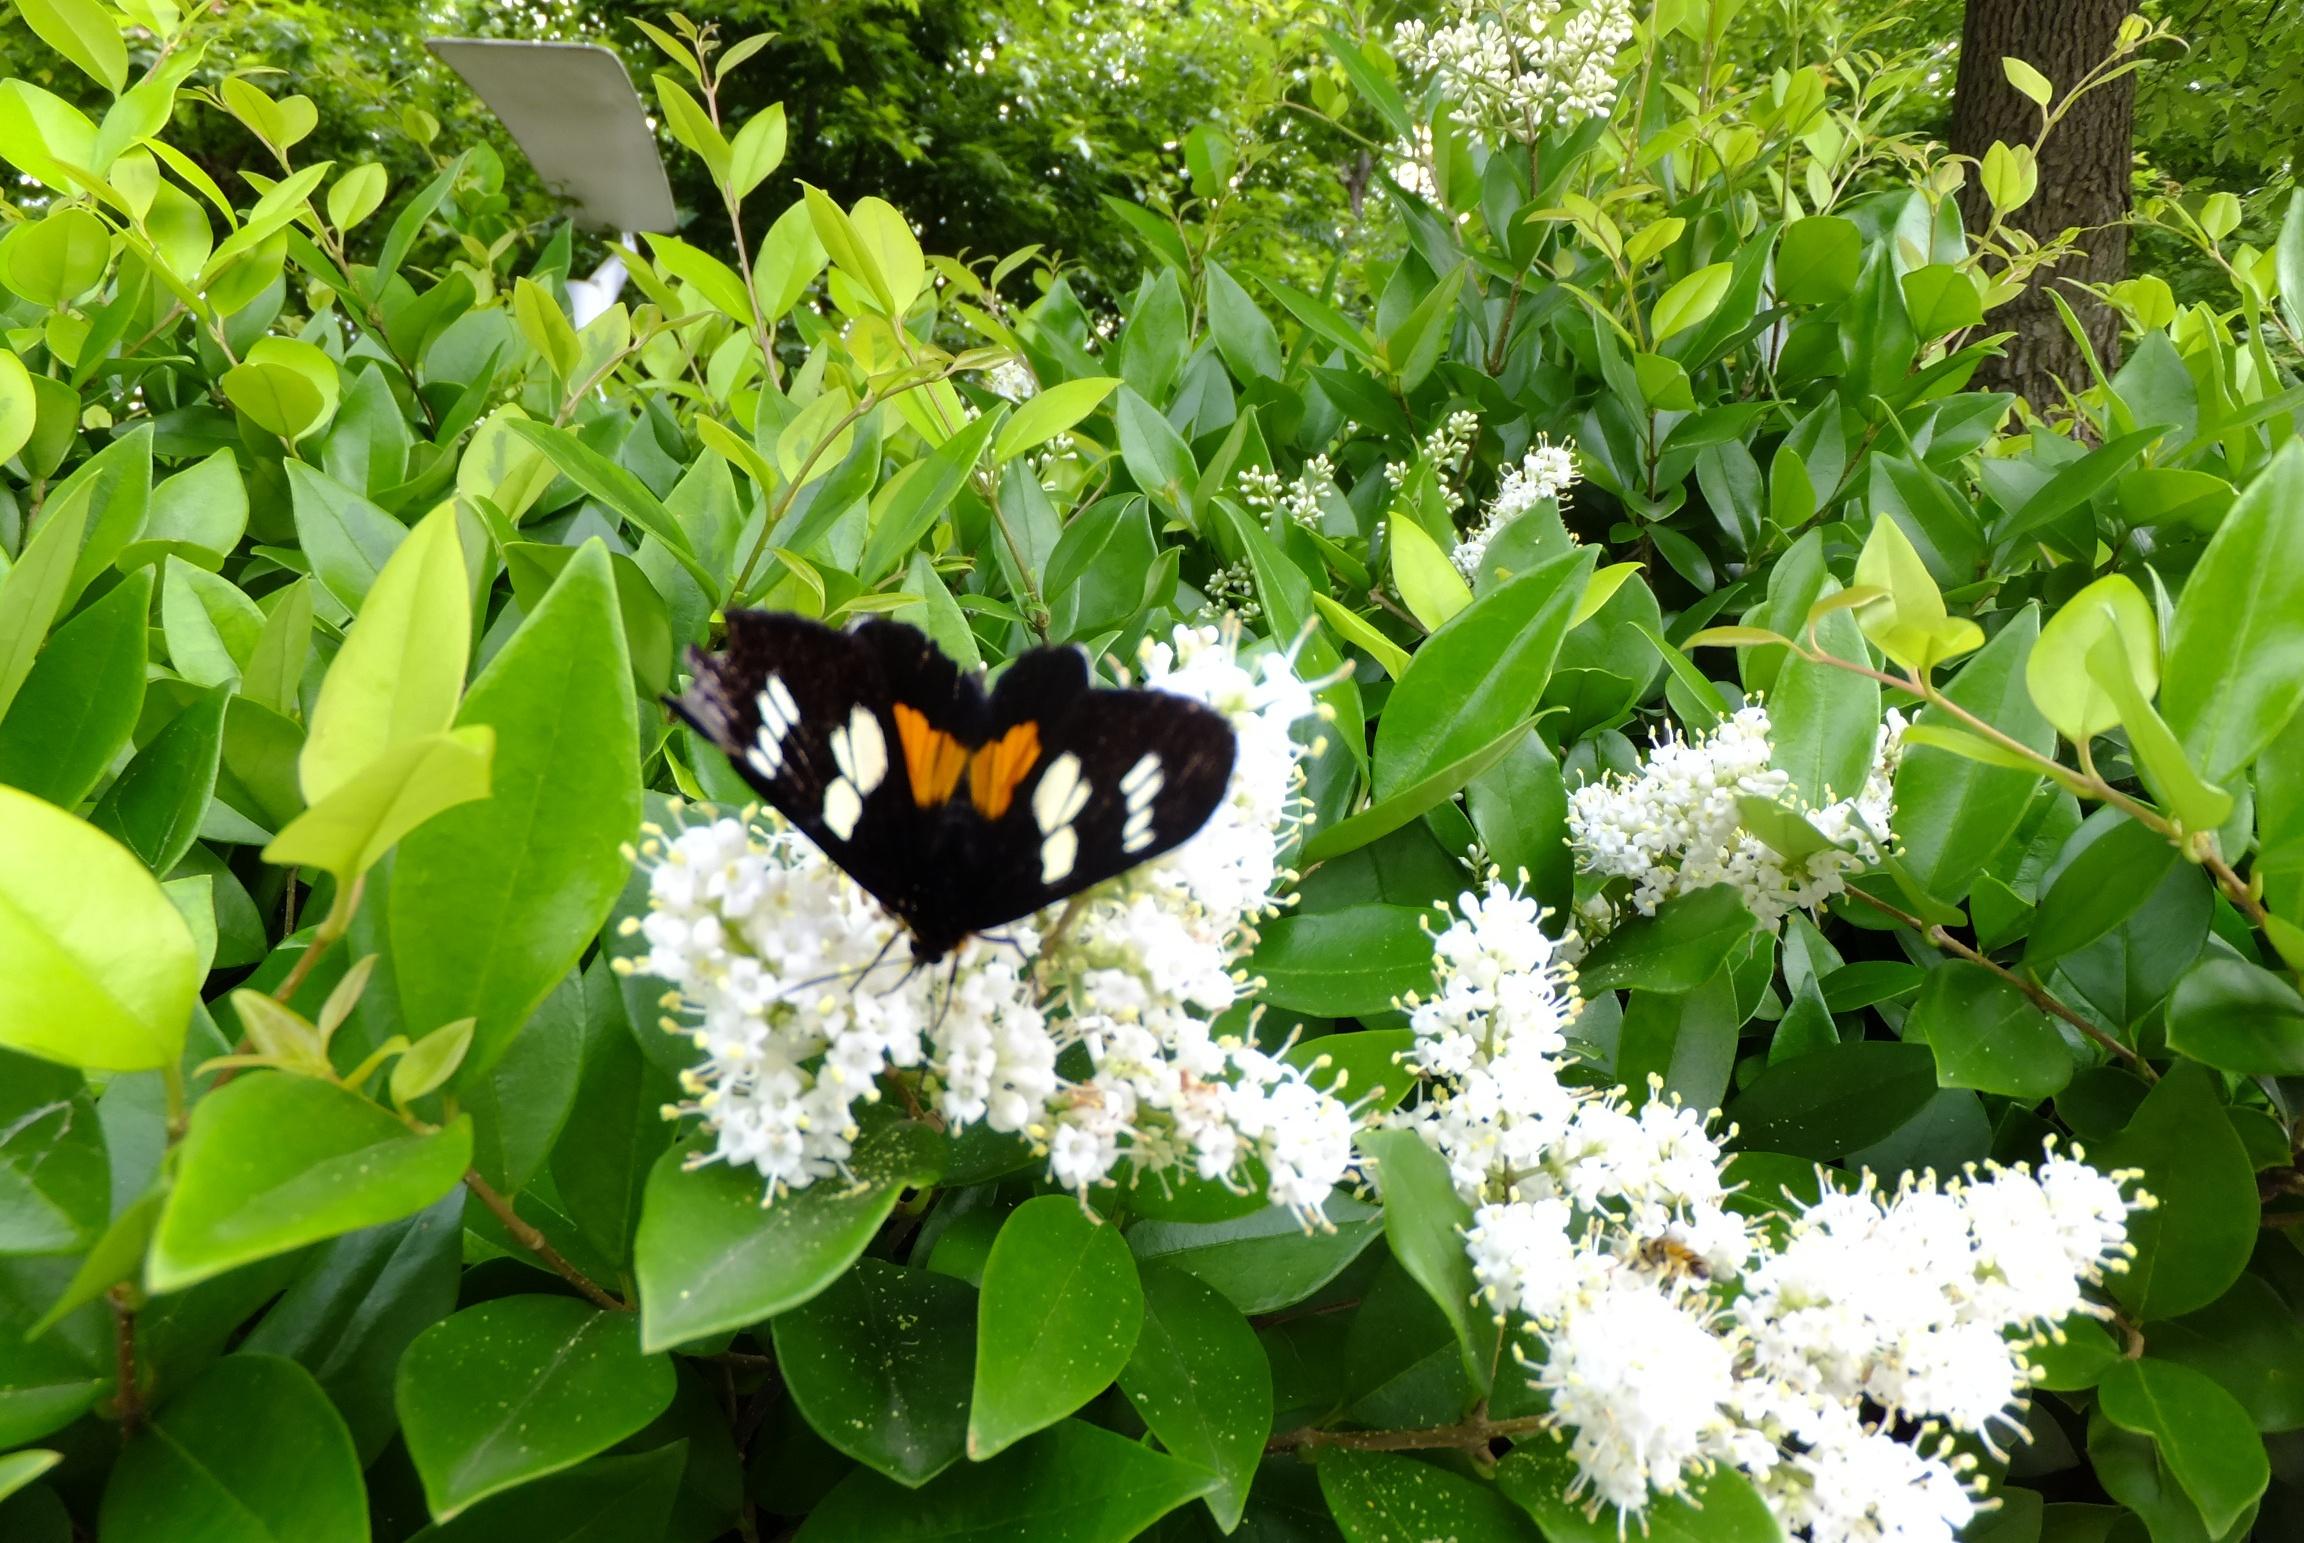 武汉植物园看桃花盛开,再不出门就晚啦!